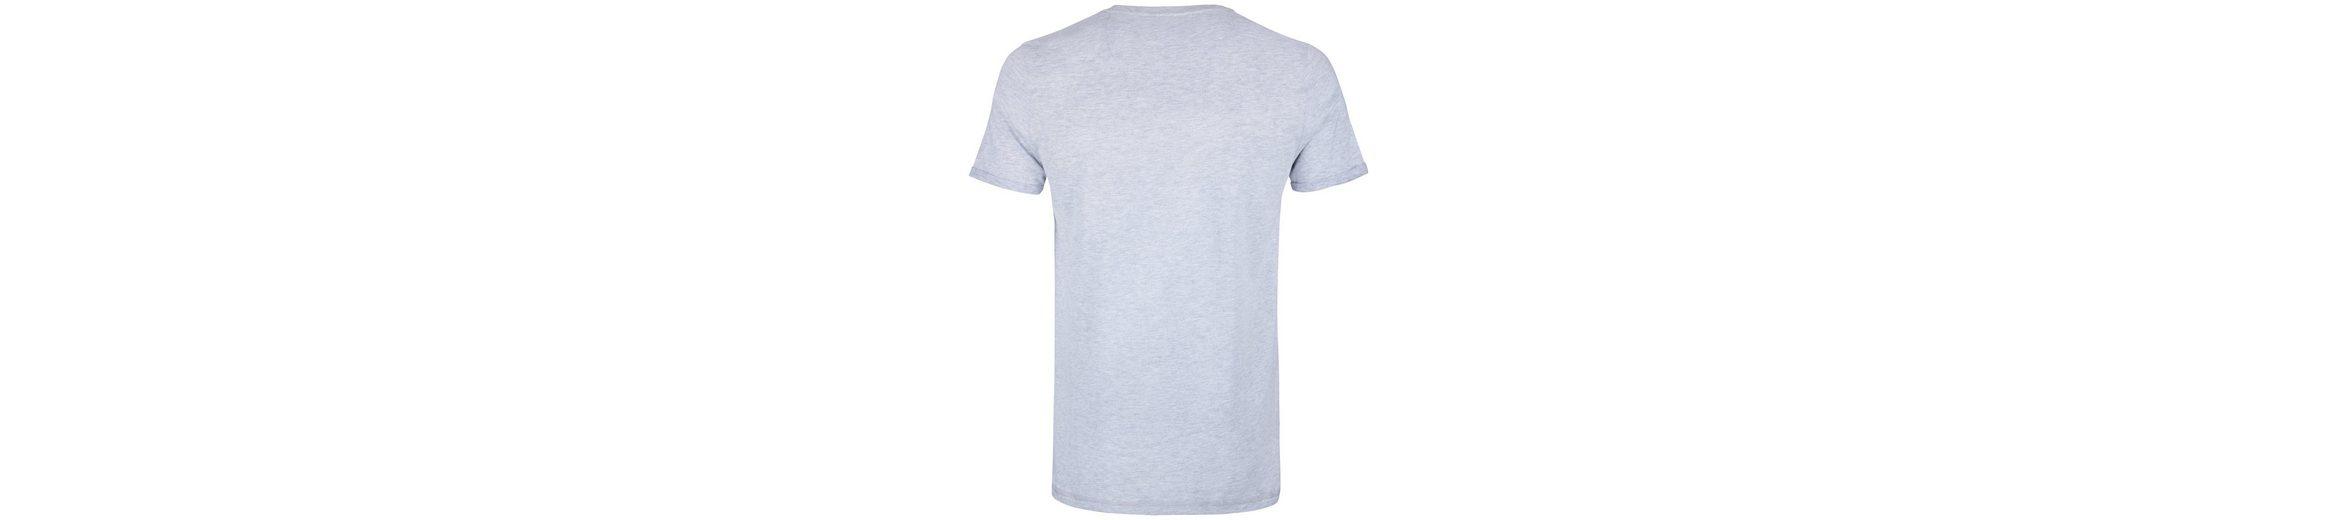 Verkauf Gut Verkaufen DREIMASTER T-Shirt 2018 Neueste Online-Verkauf Online Günstig Kaufen Mode-Stil DMoib